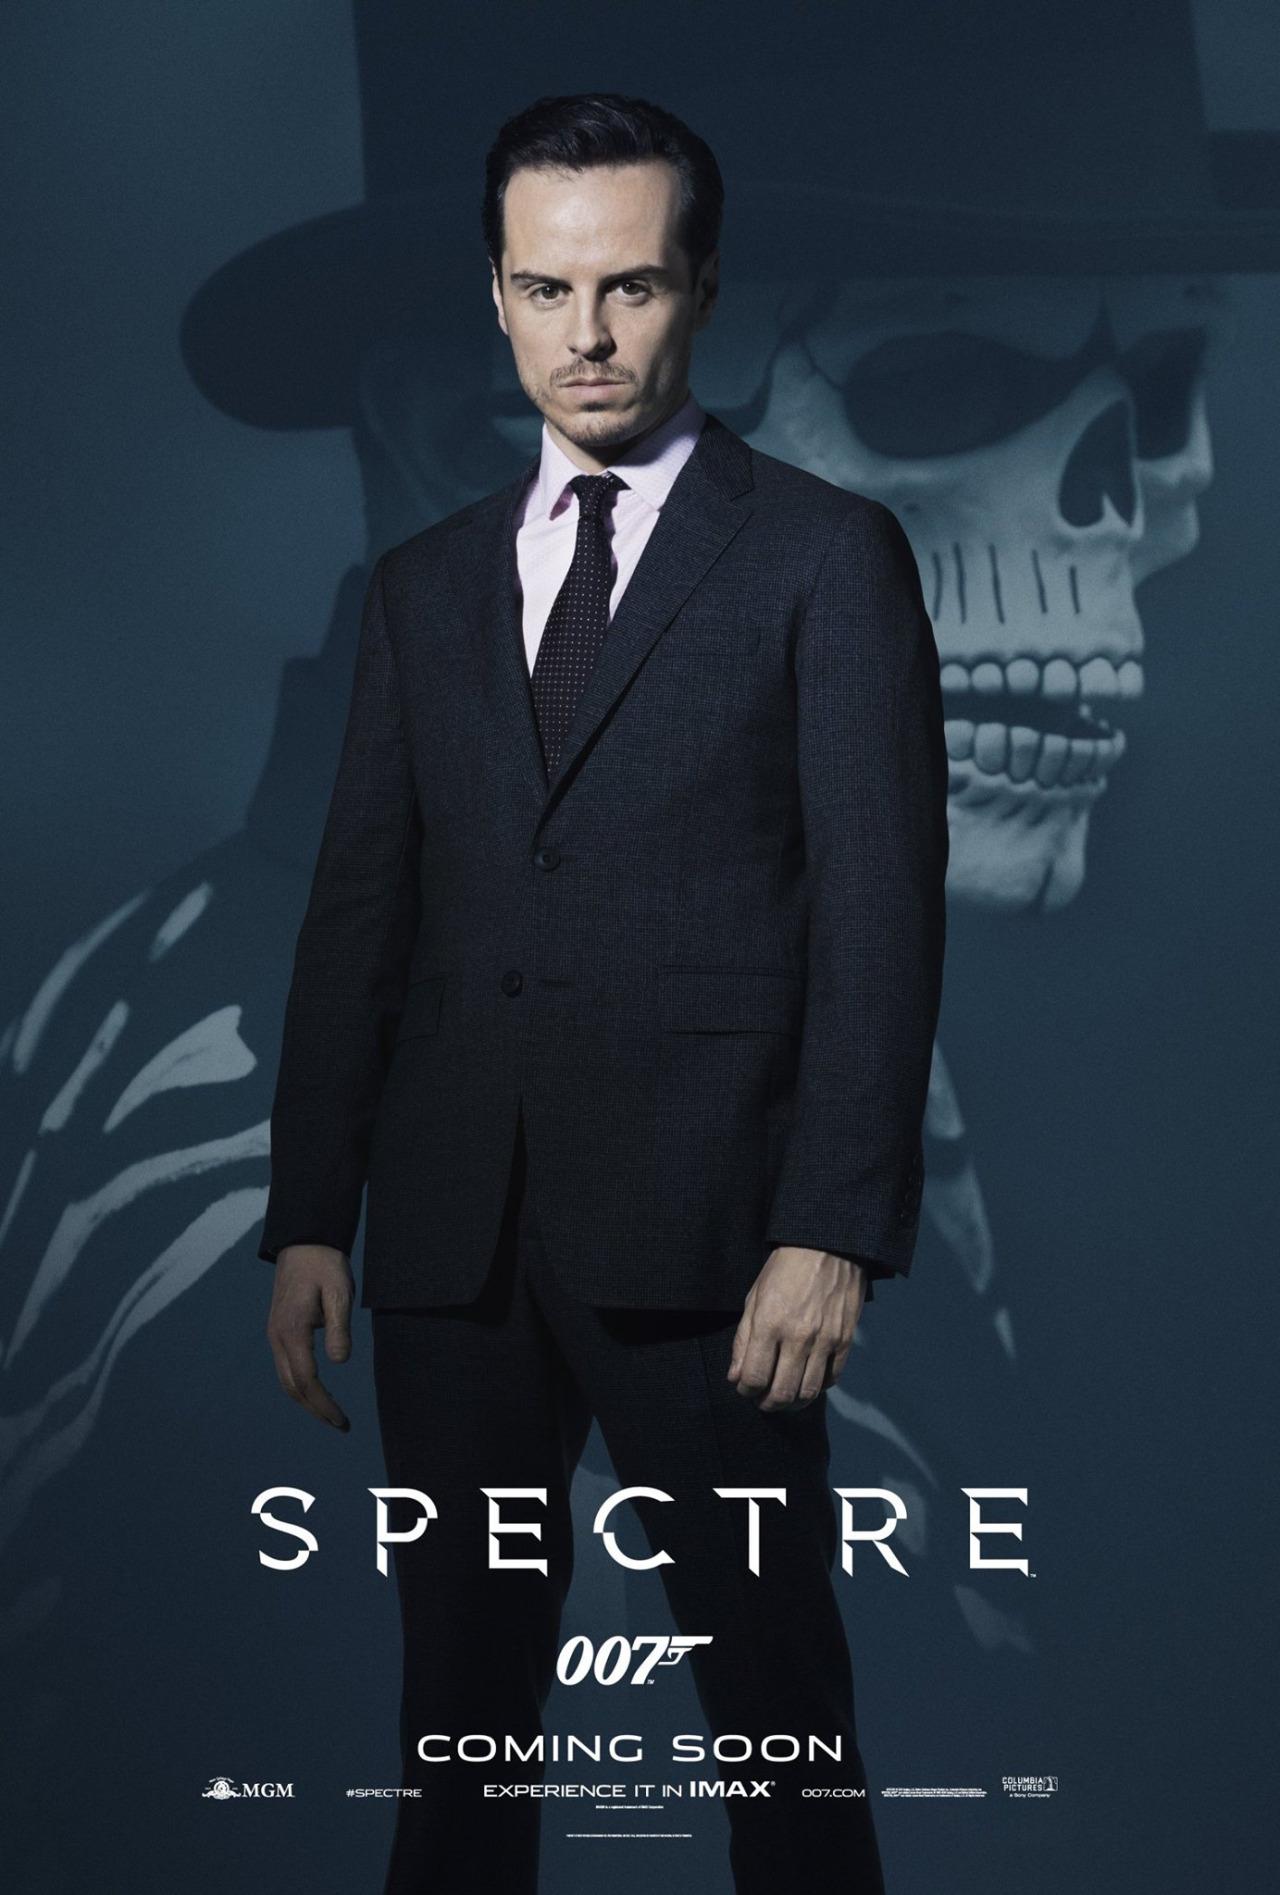 Der Neue James Bond Spectre